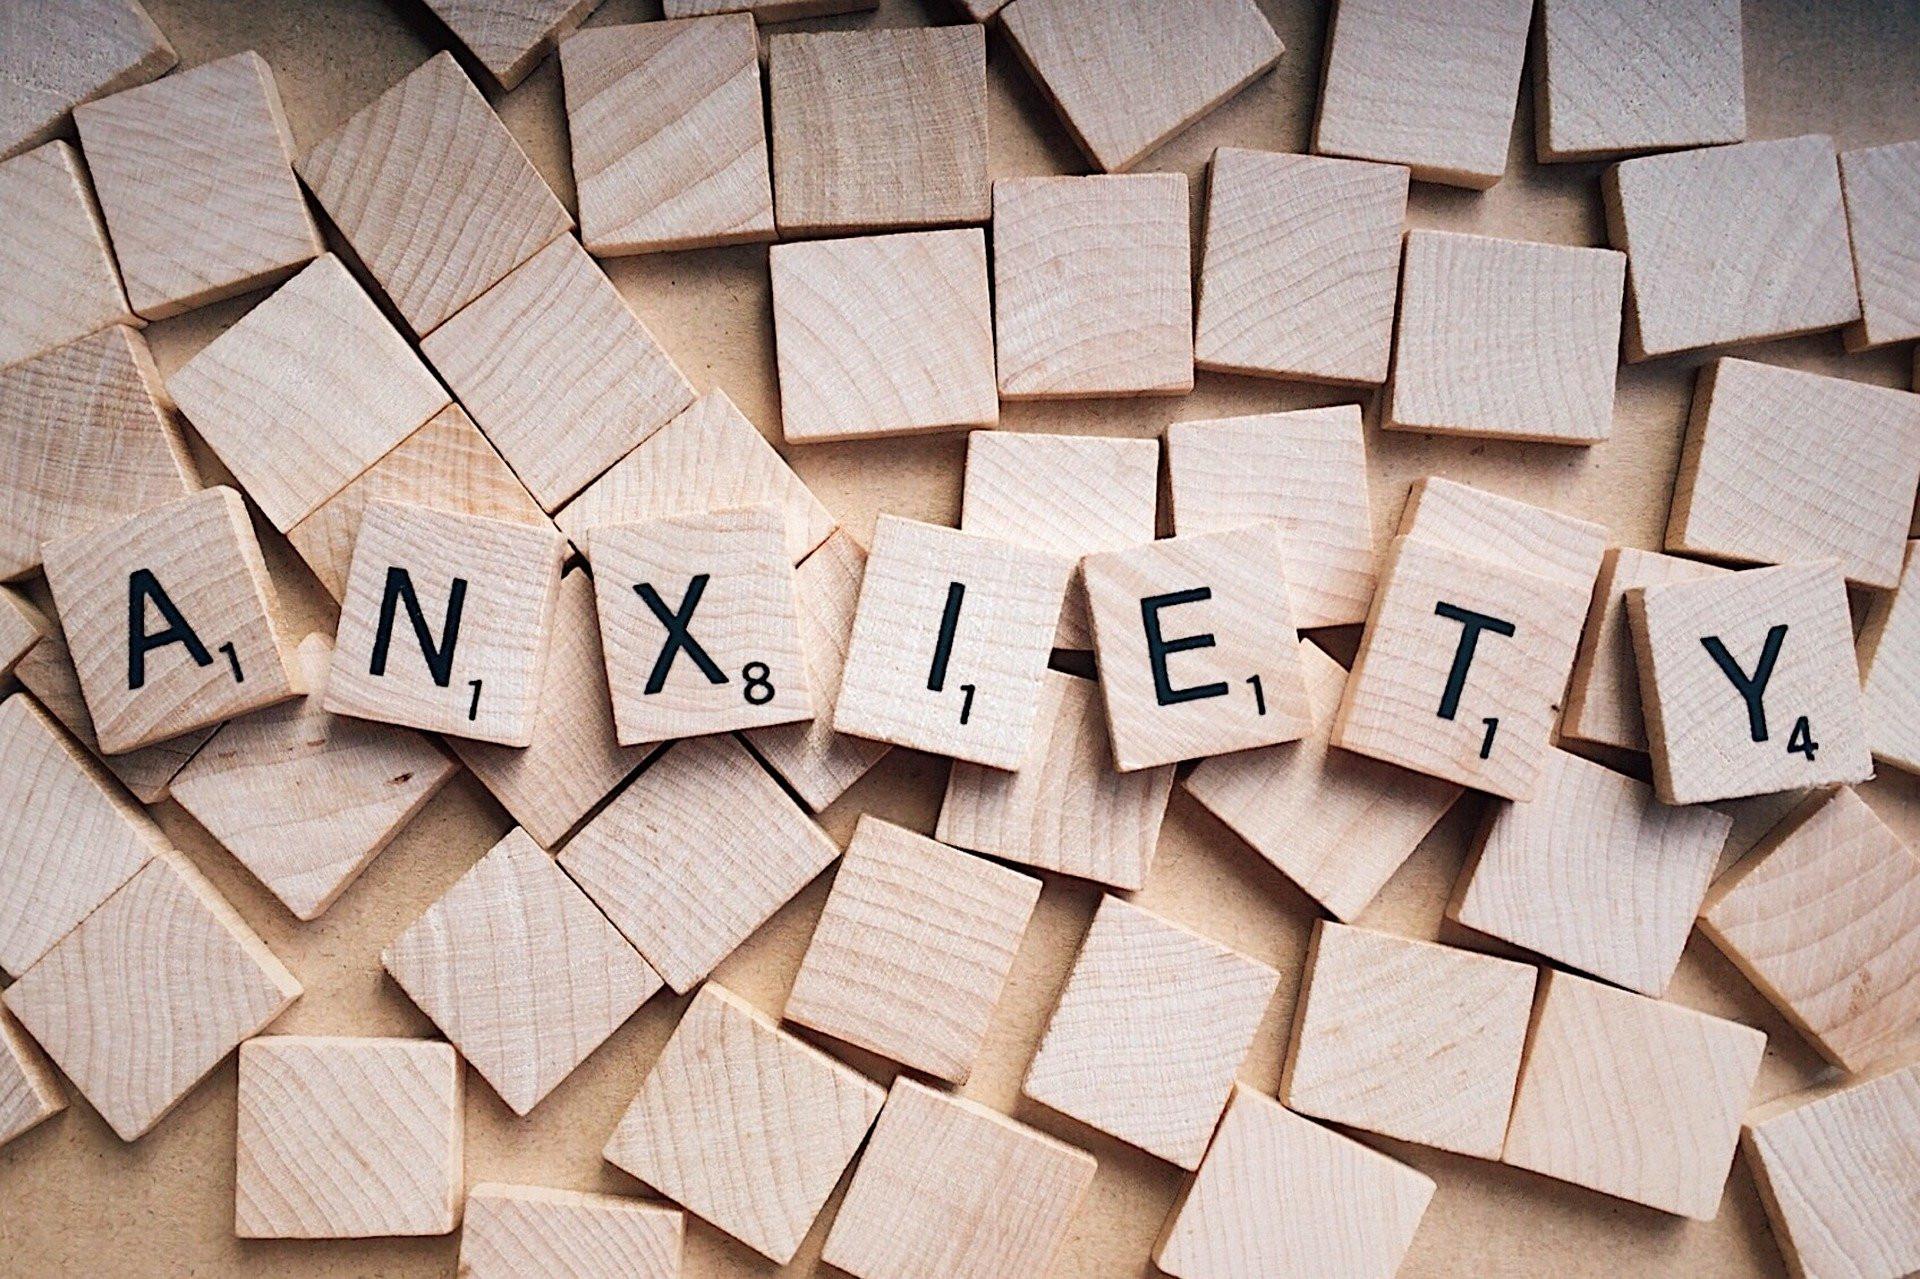 Comment gérer son anxiété ?